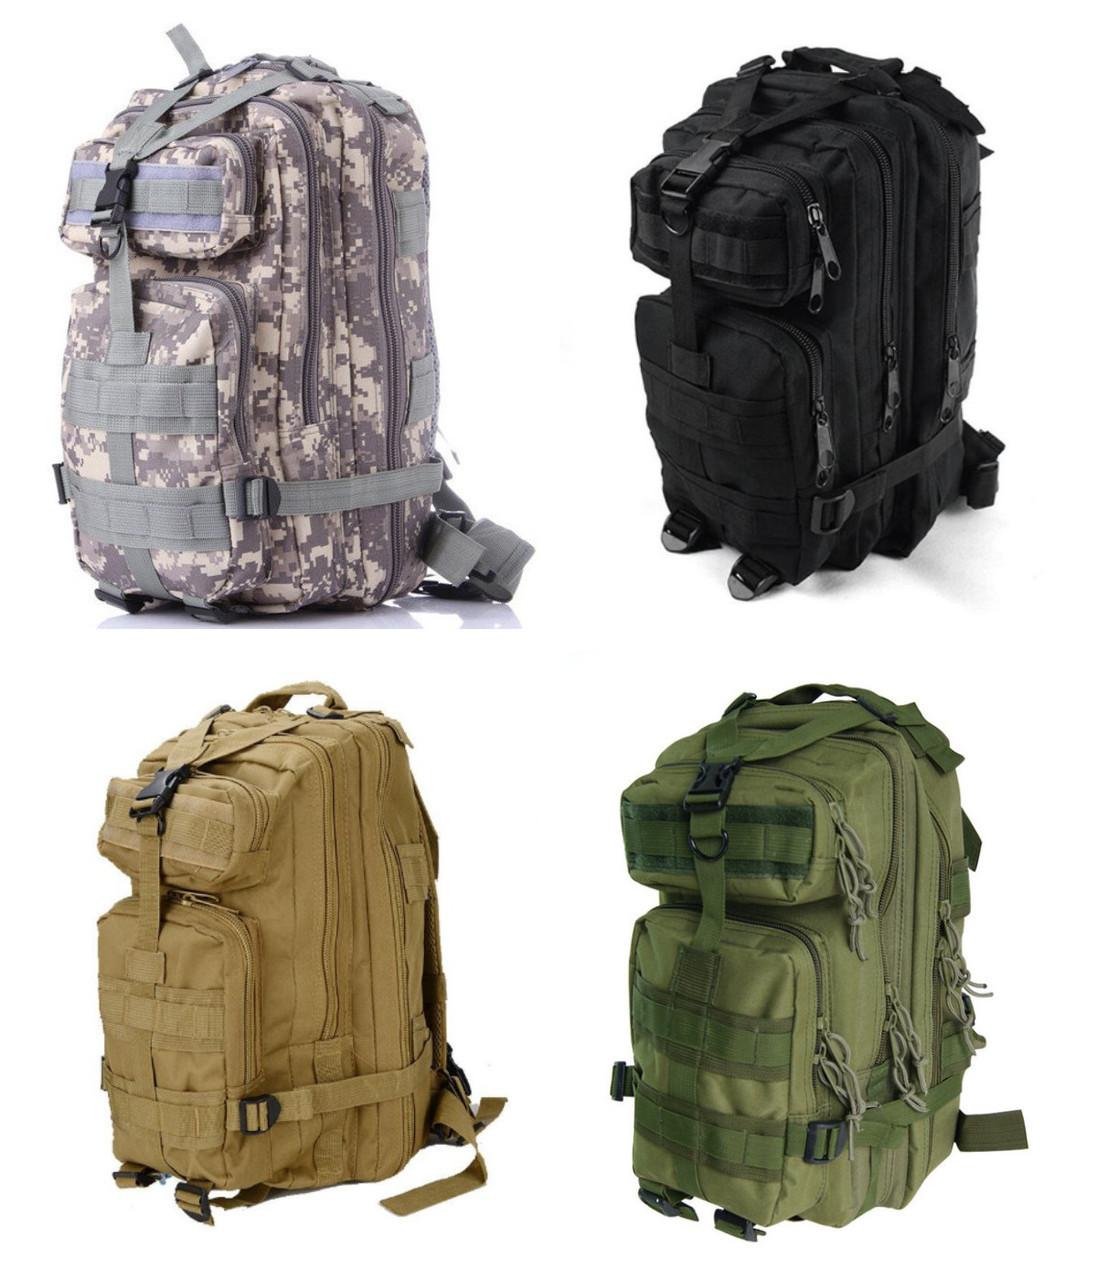 Тактический рюкзак PREDATOR 35 л городской ранец  5 цветов